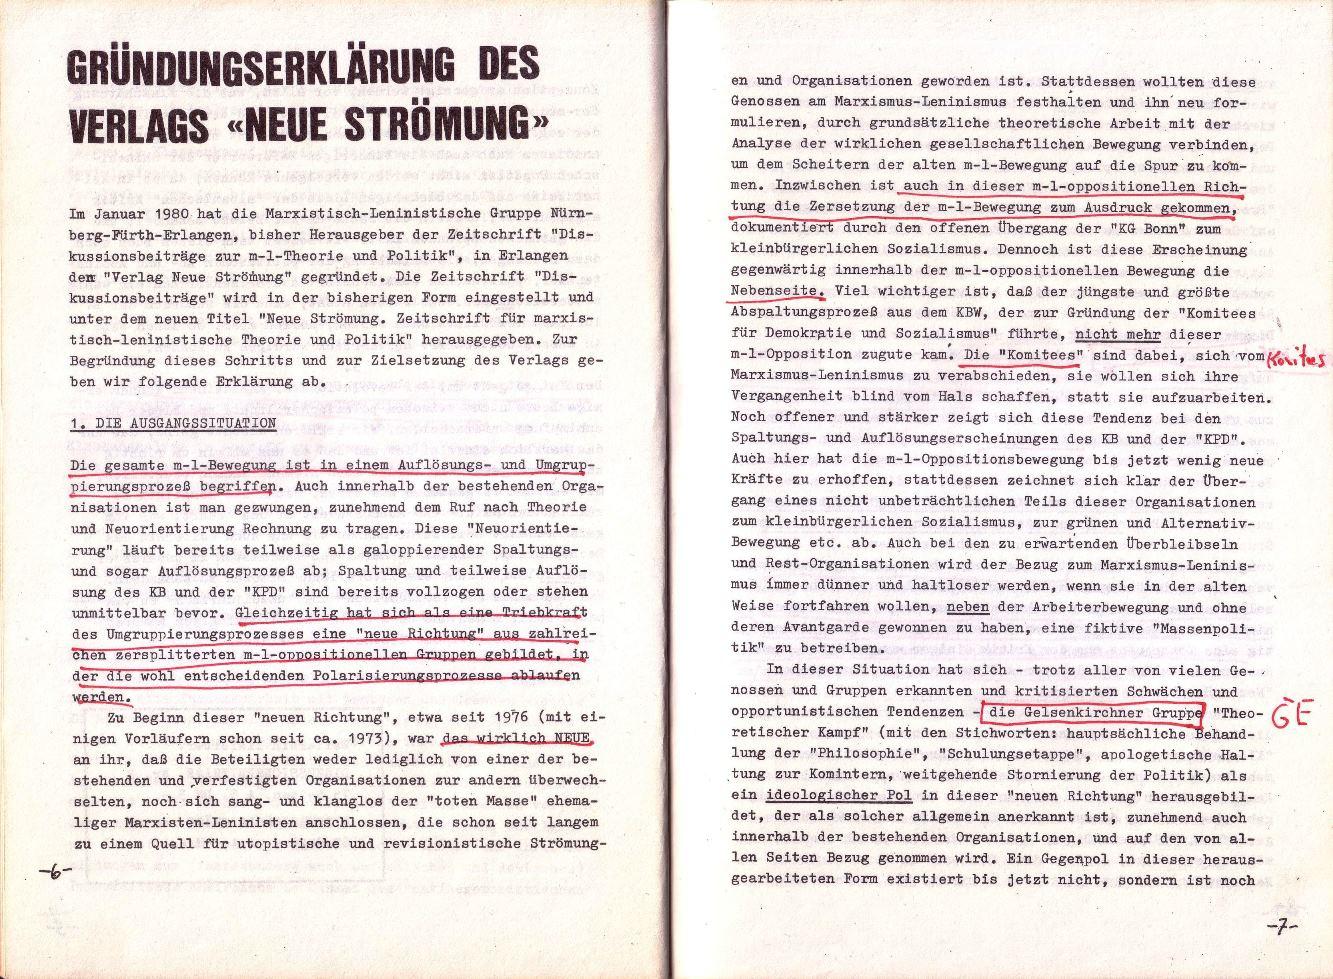 Erlangen_VNS_Neue_Stroemung_1980_01_05